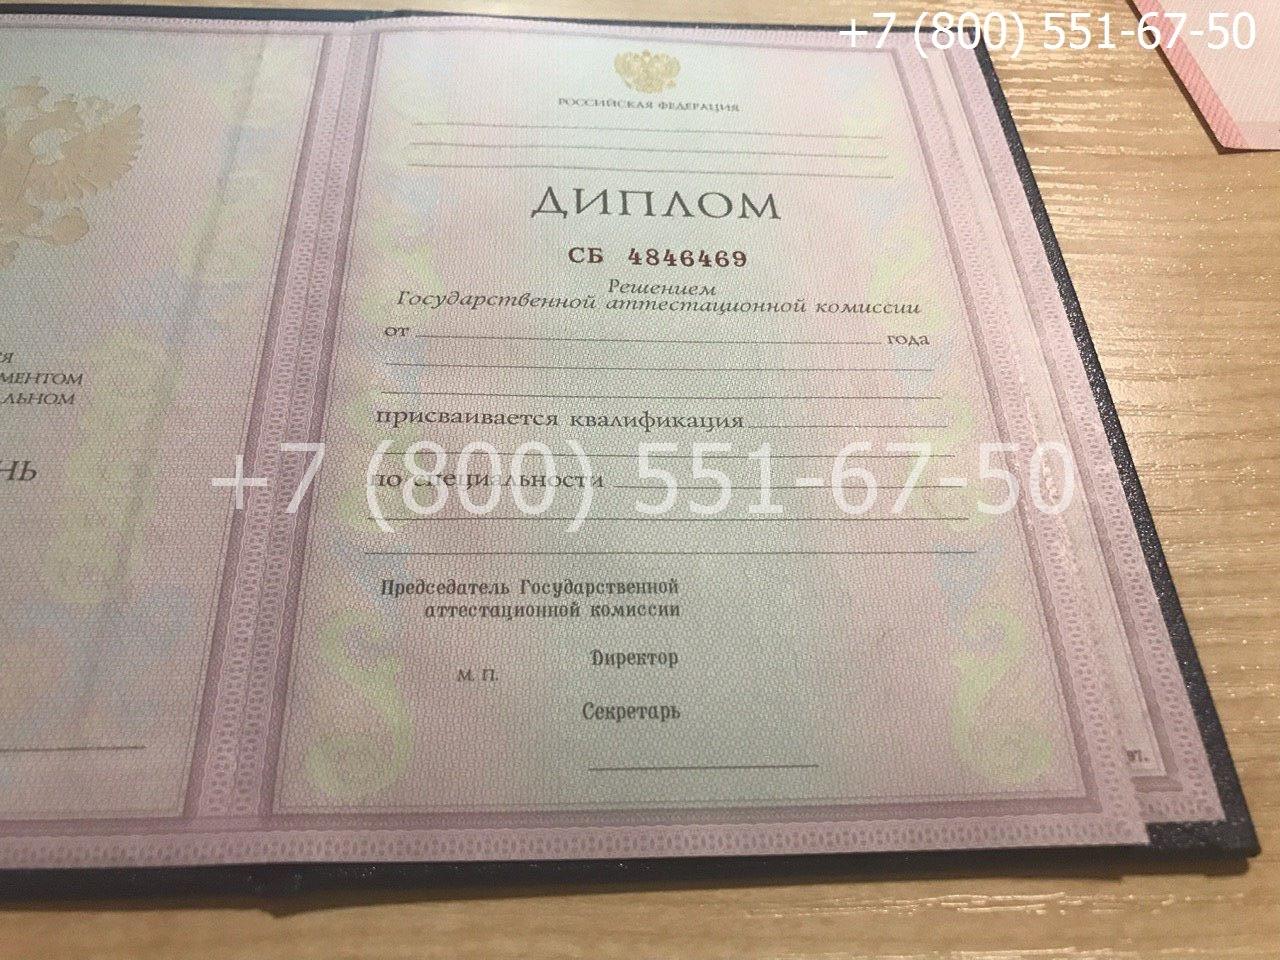 Диплом техникума 1997-2003 годов, старого образца-2